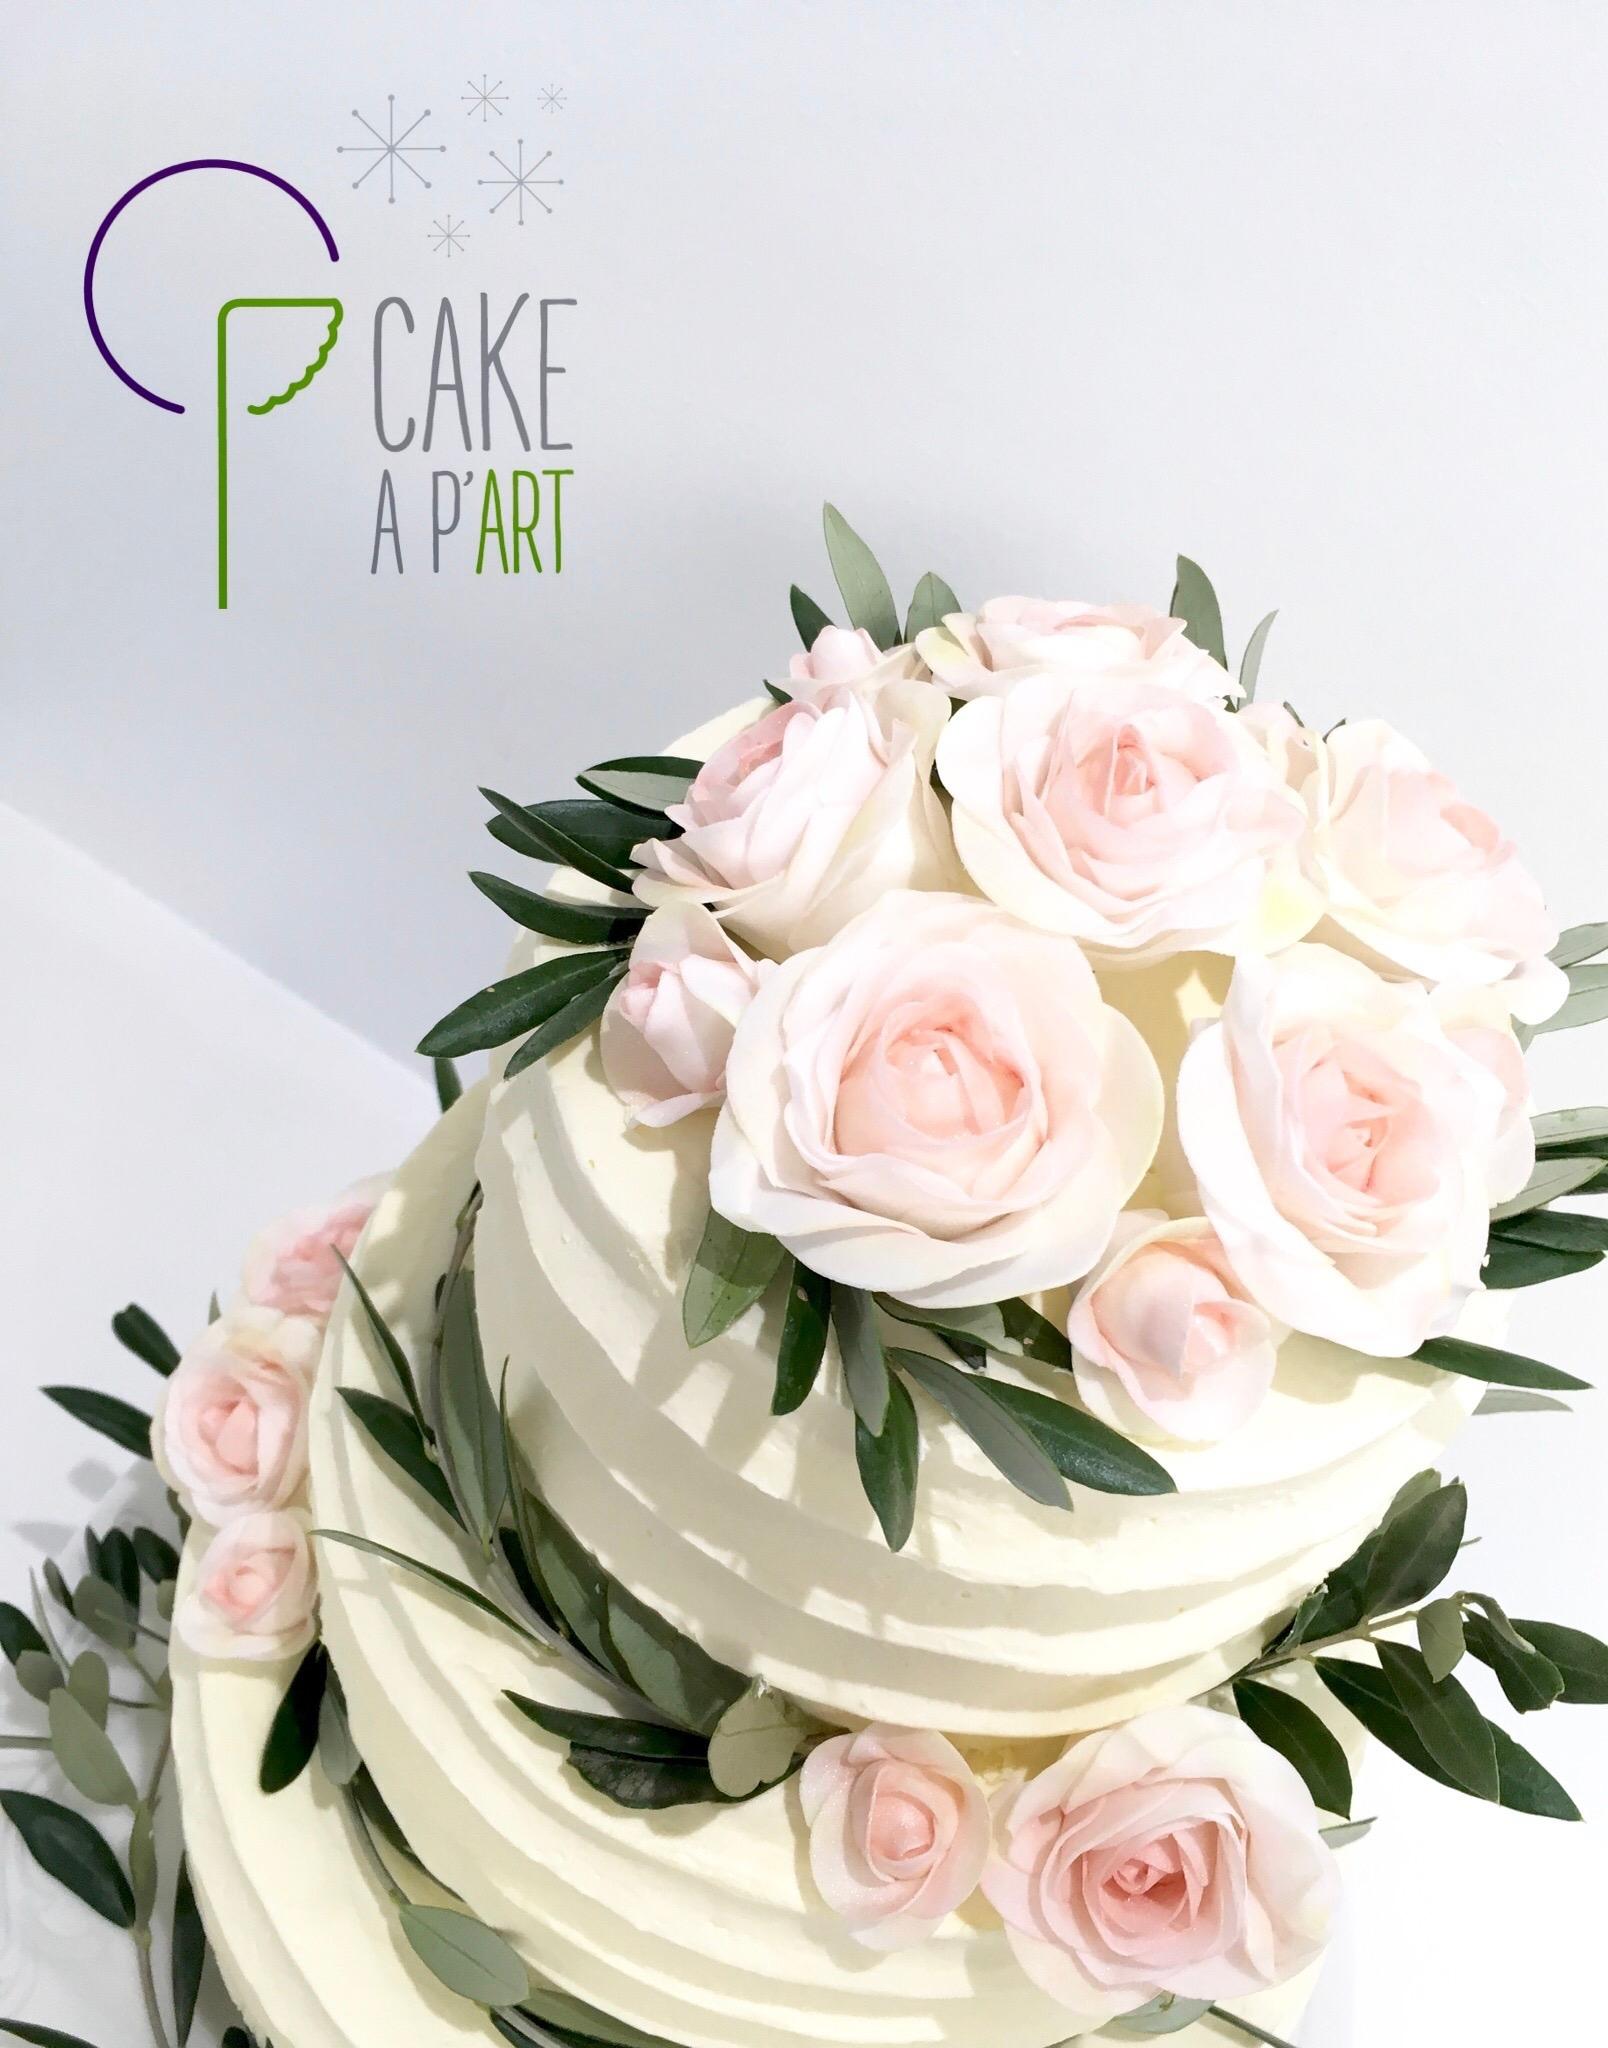 Décor en sucre gâteaux personnalisés - Nude Cake Mariage fleurs Bouquet de roses